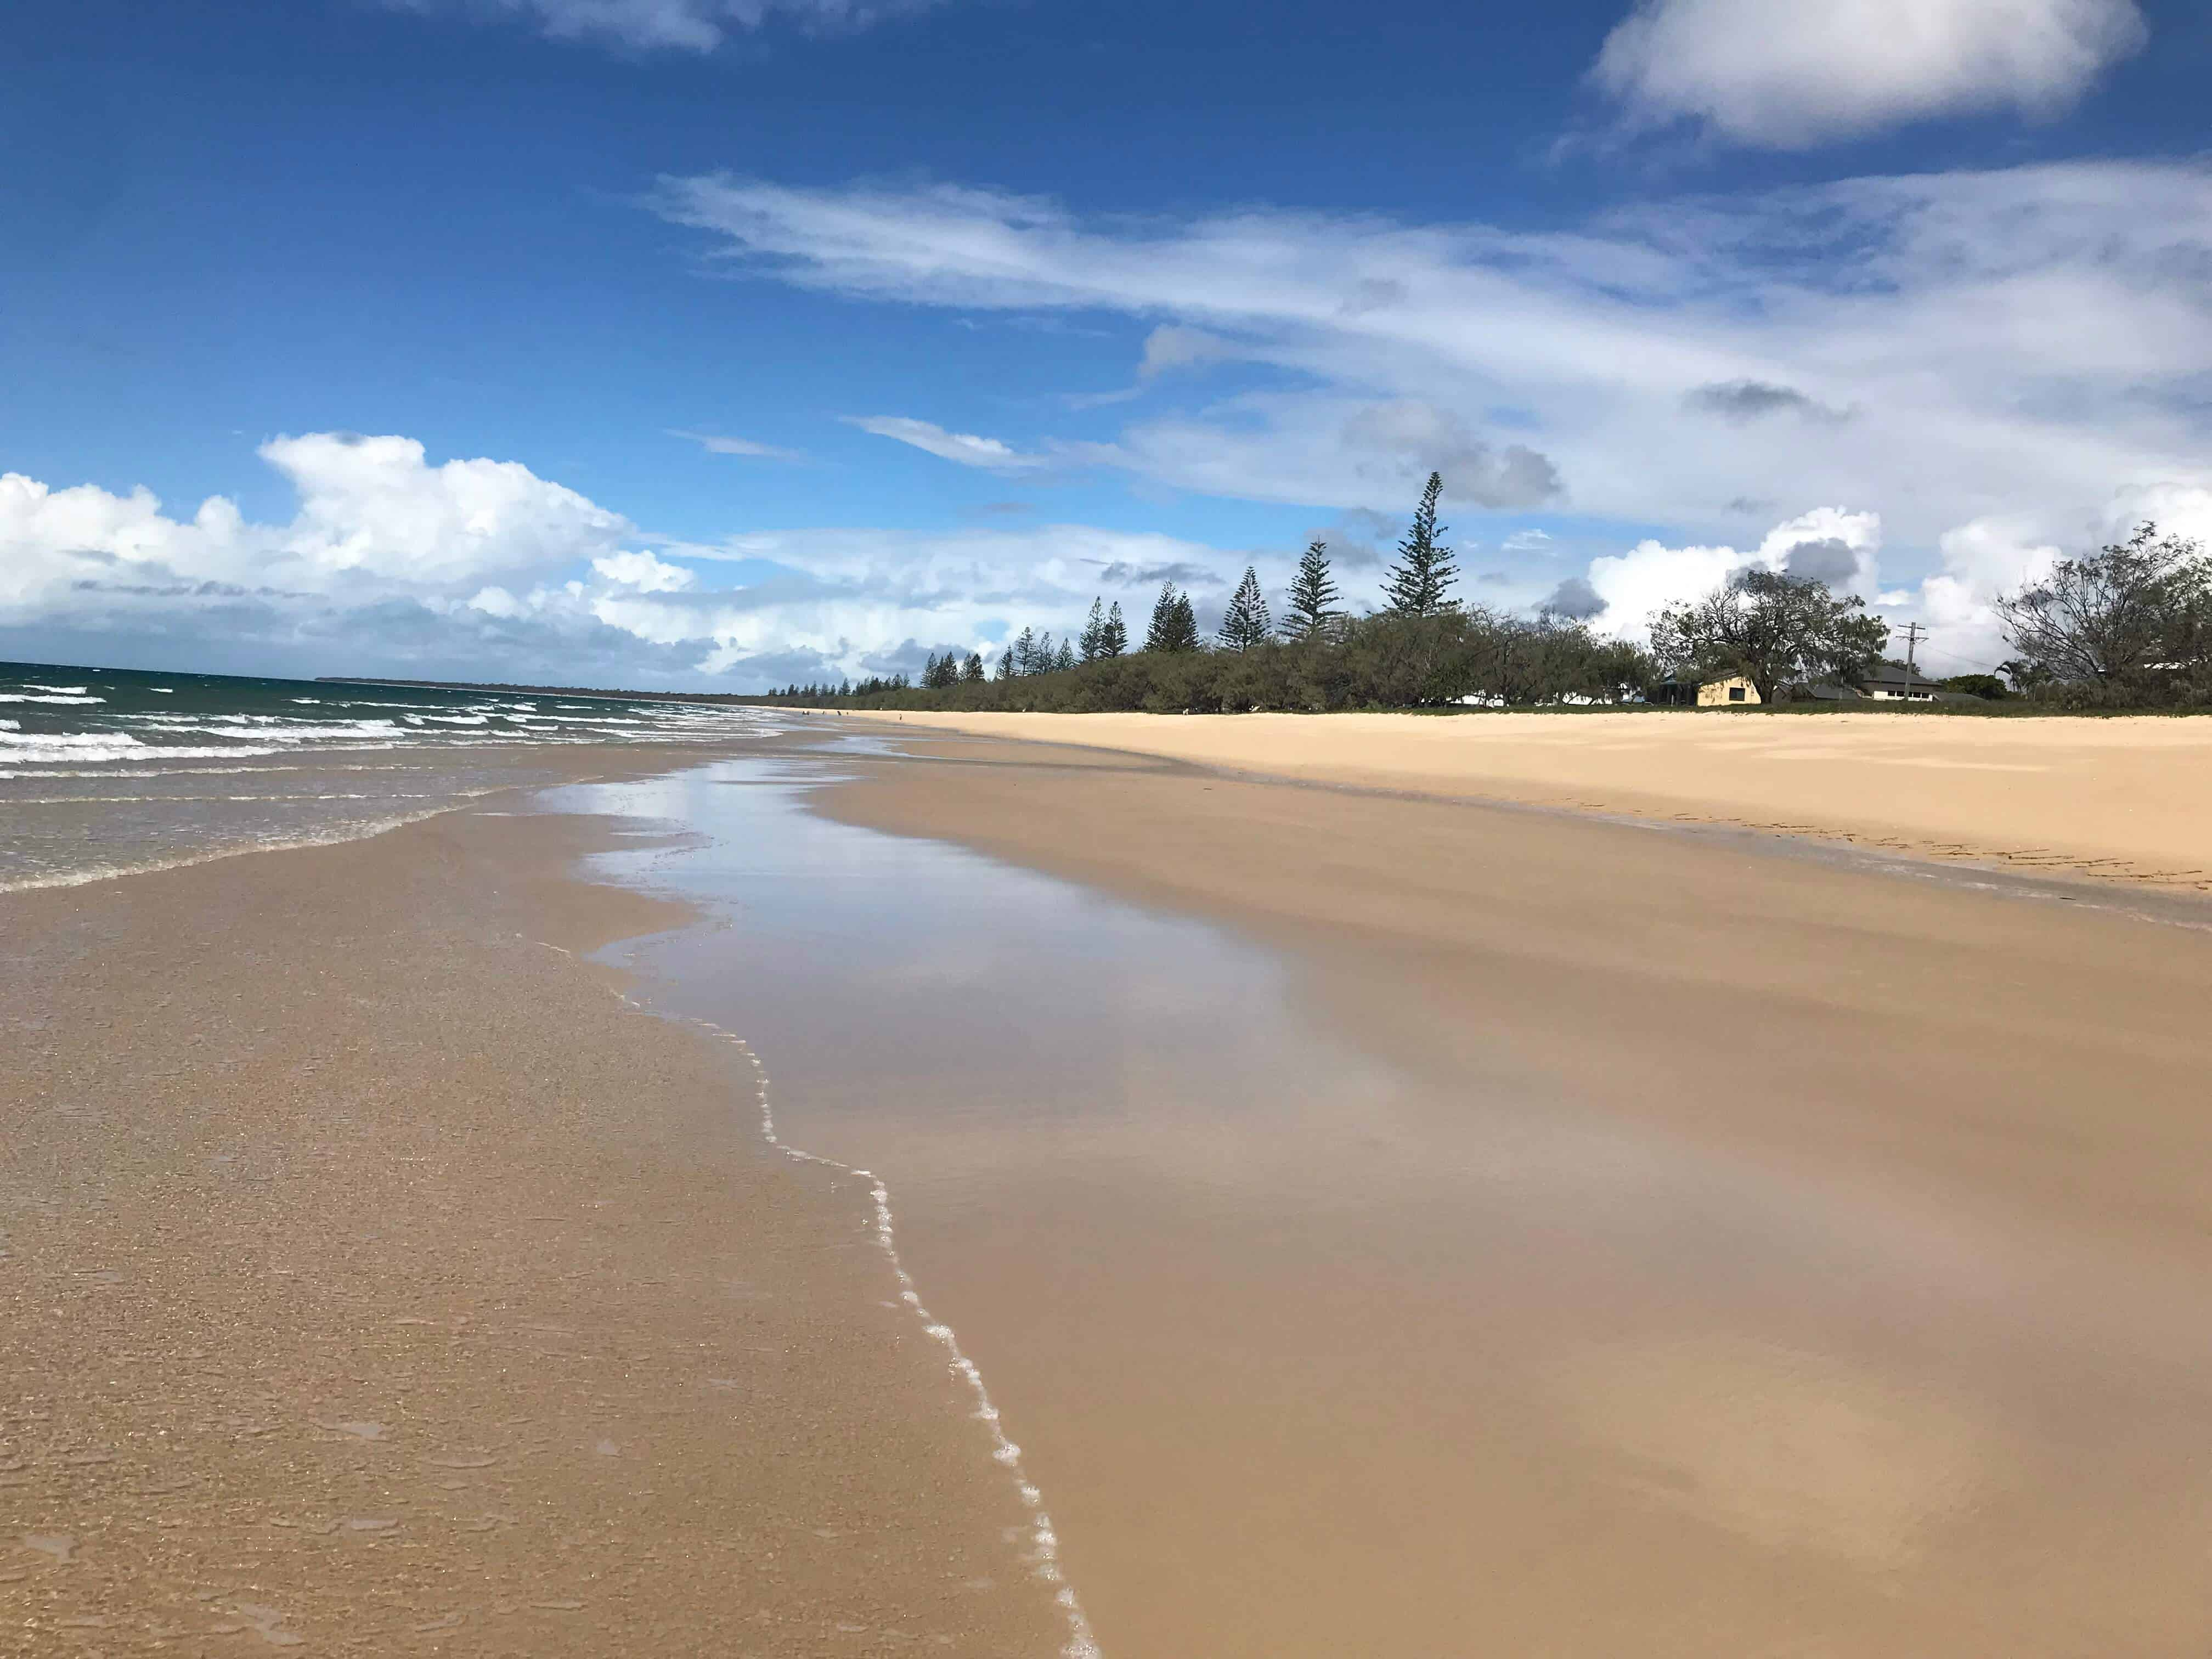 Aussie family getaways